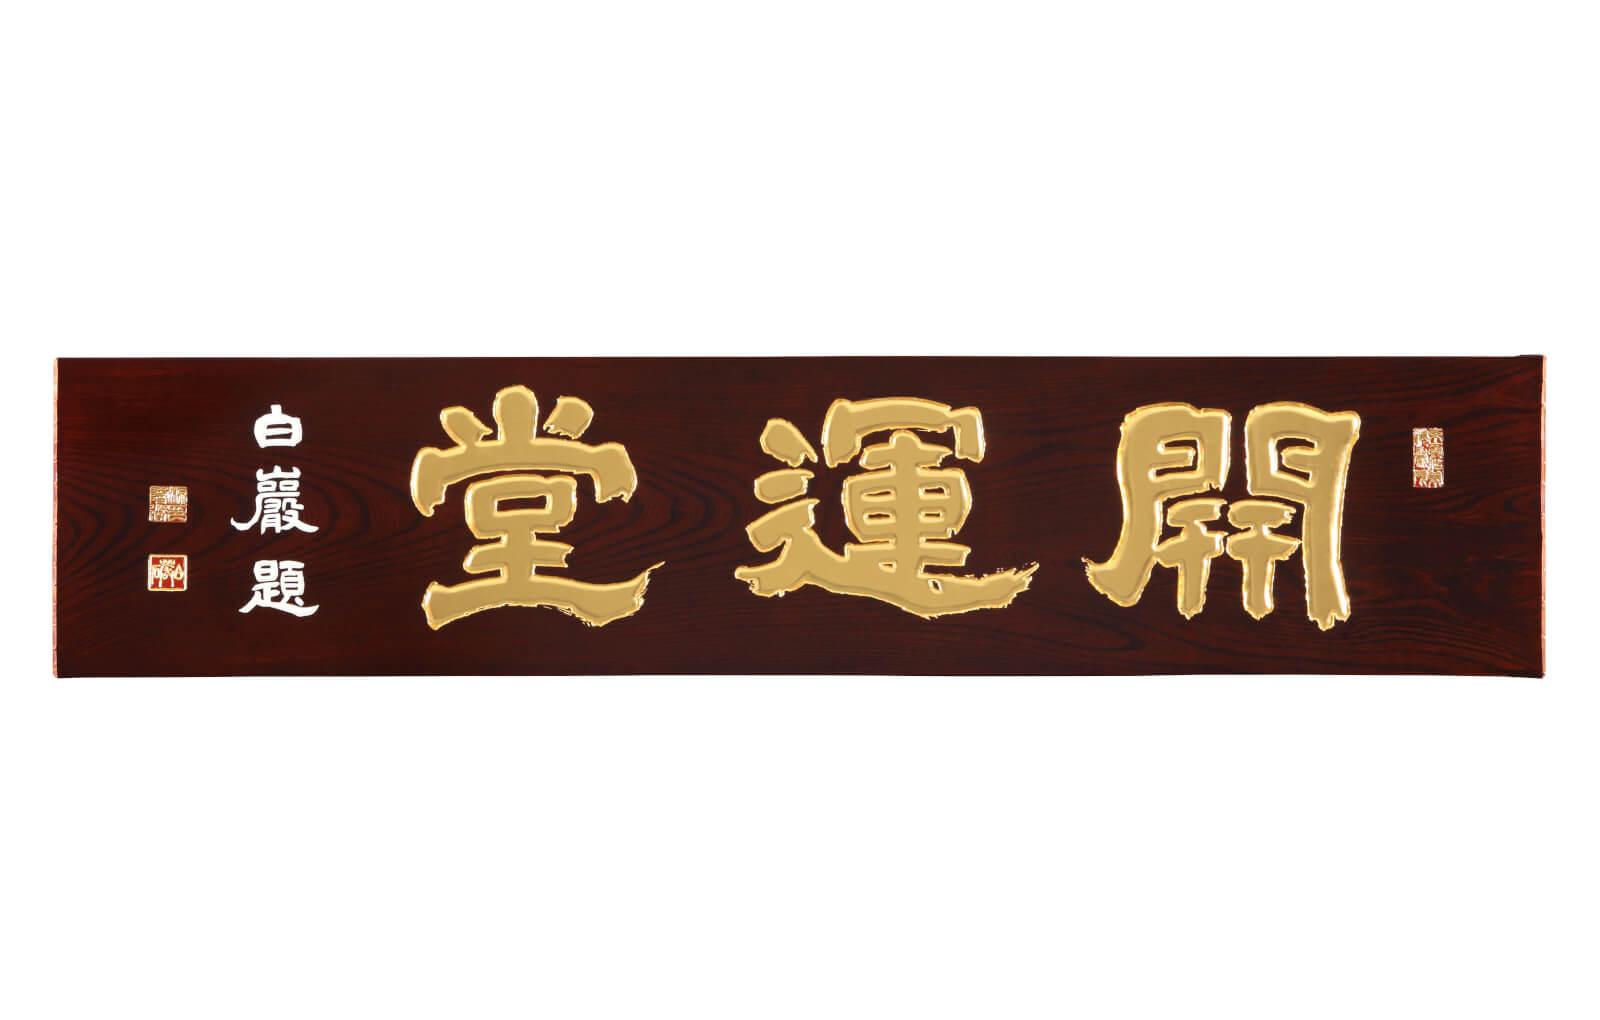 春の限定コラボ商品「桜パン」2種のアイキャッチ画像